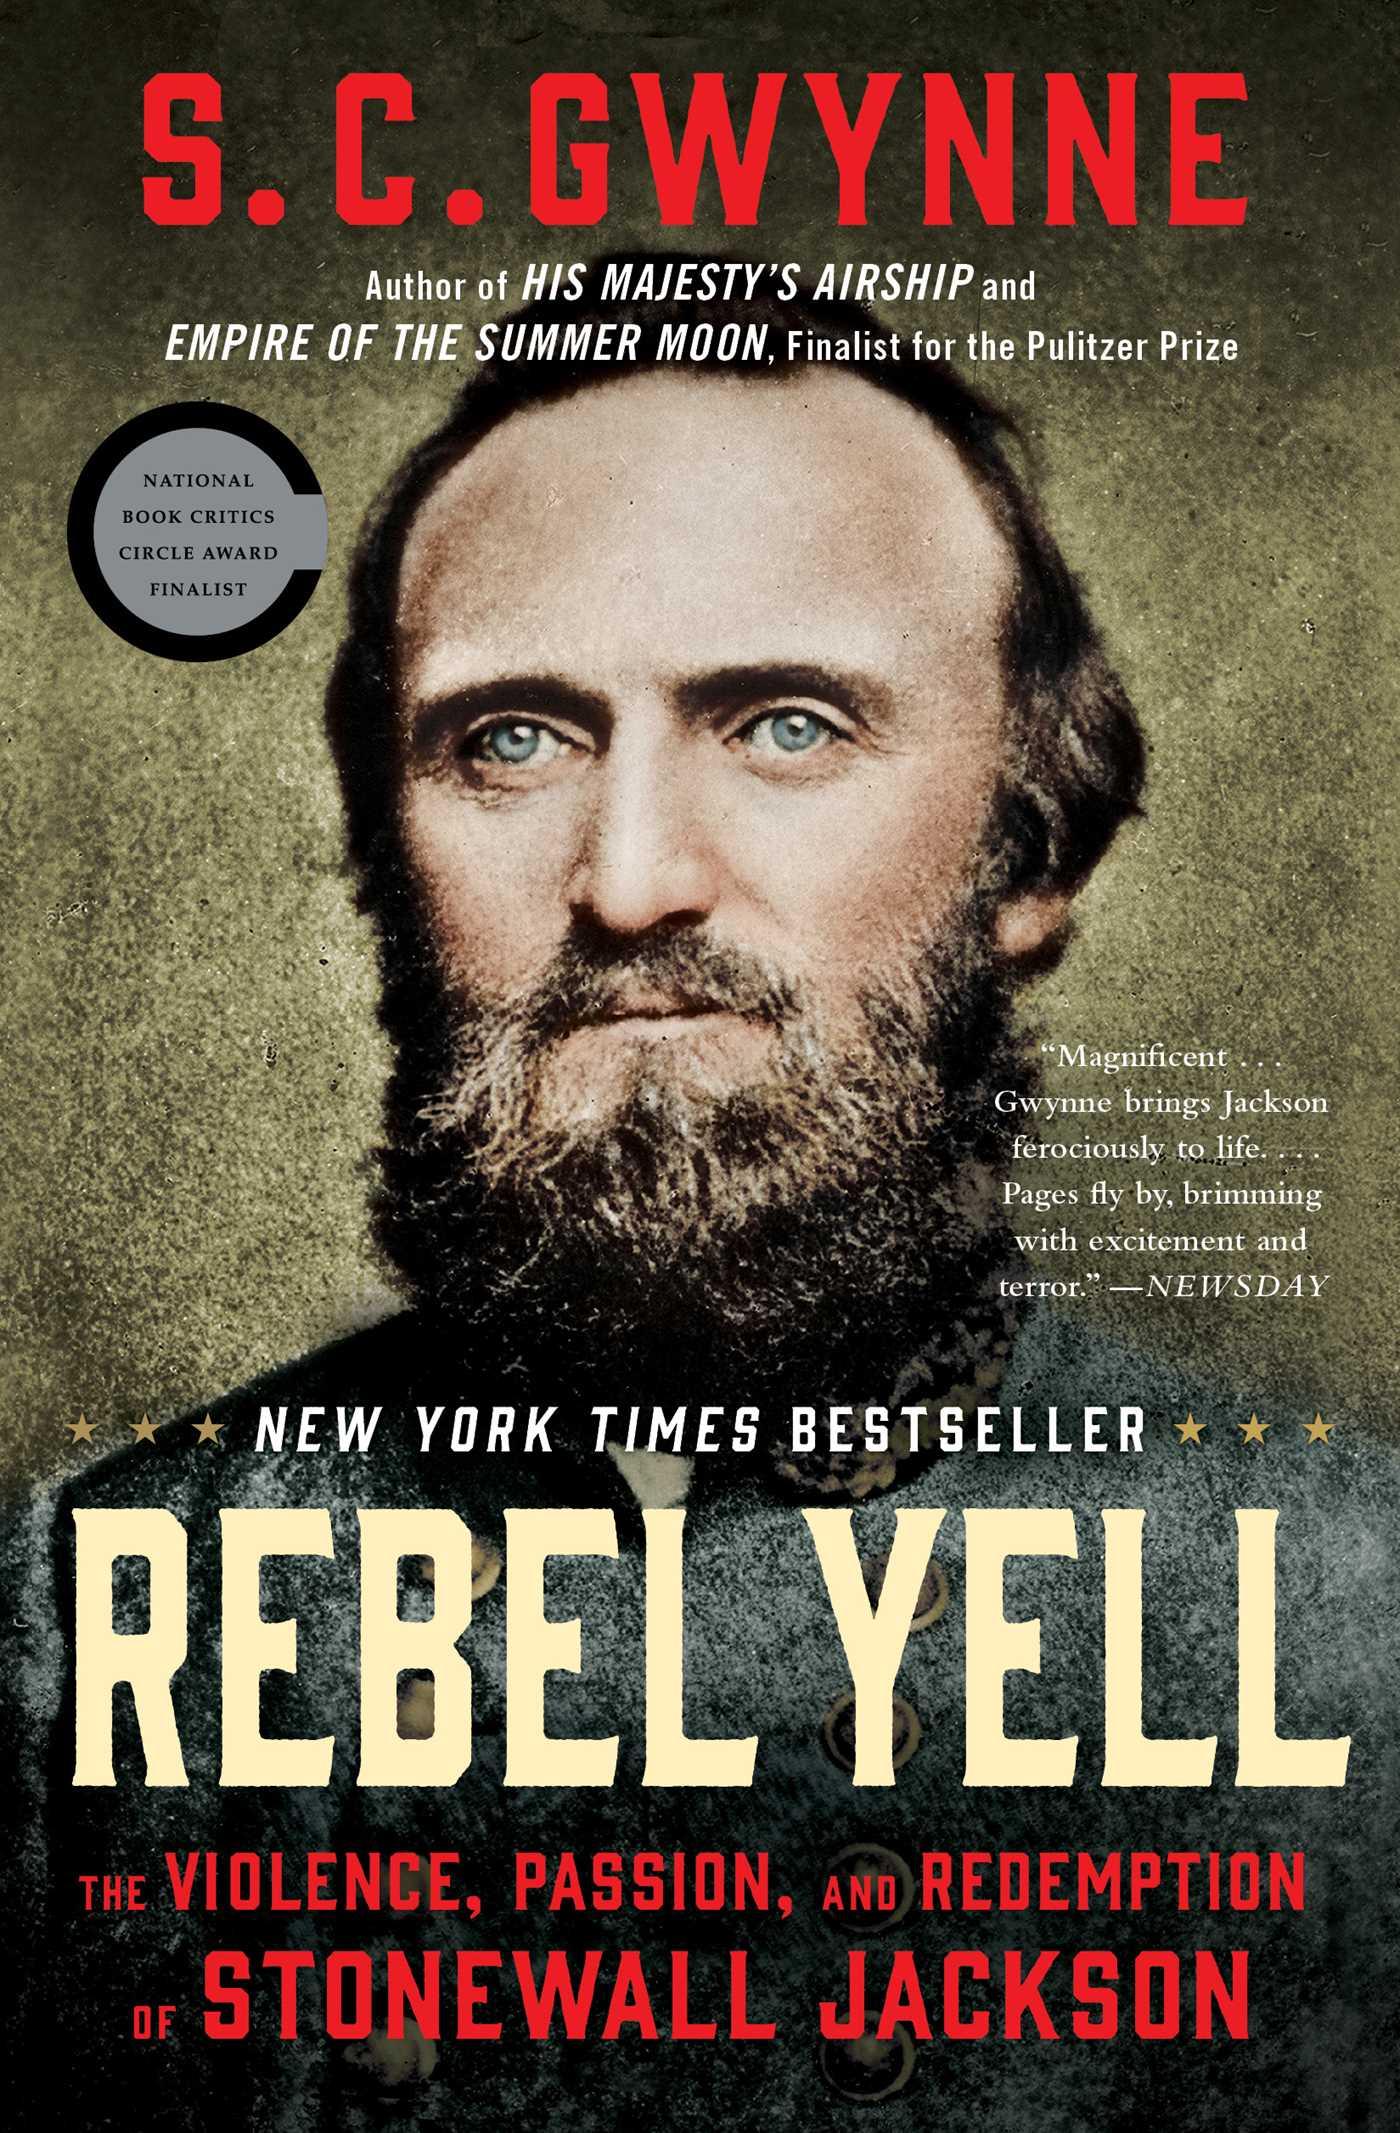 Rebel yell 9781451673296 hr